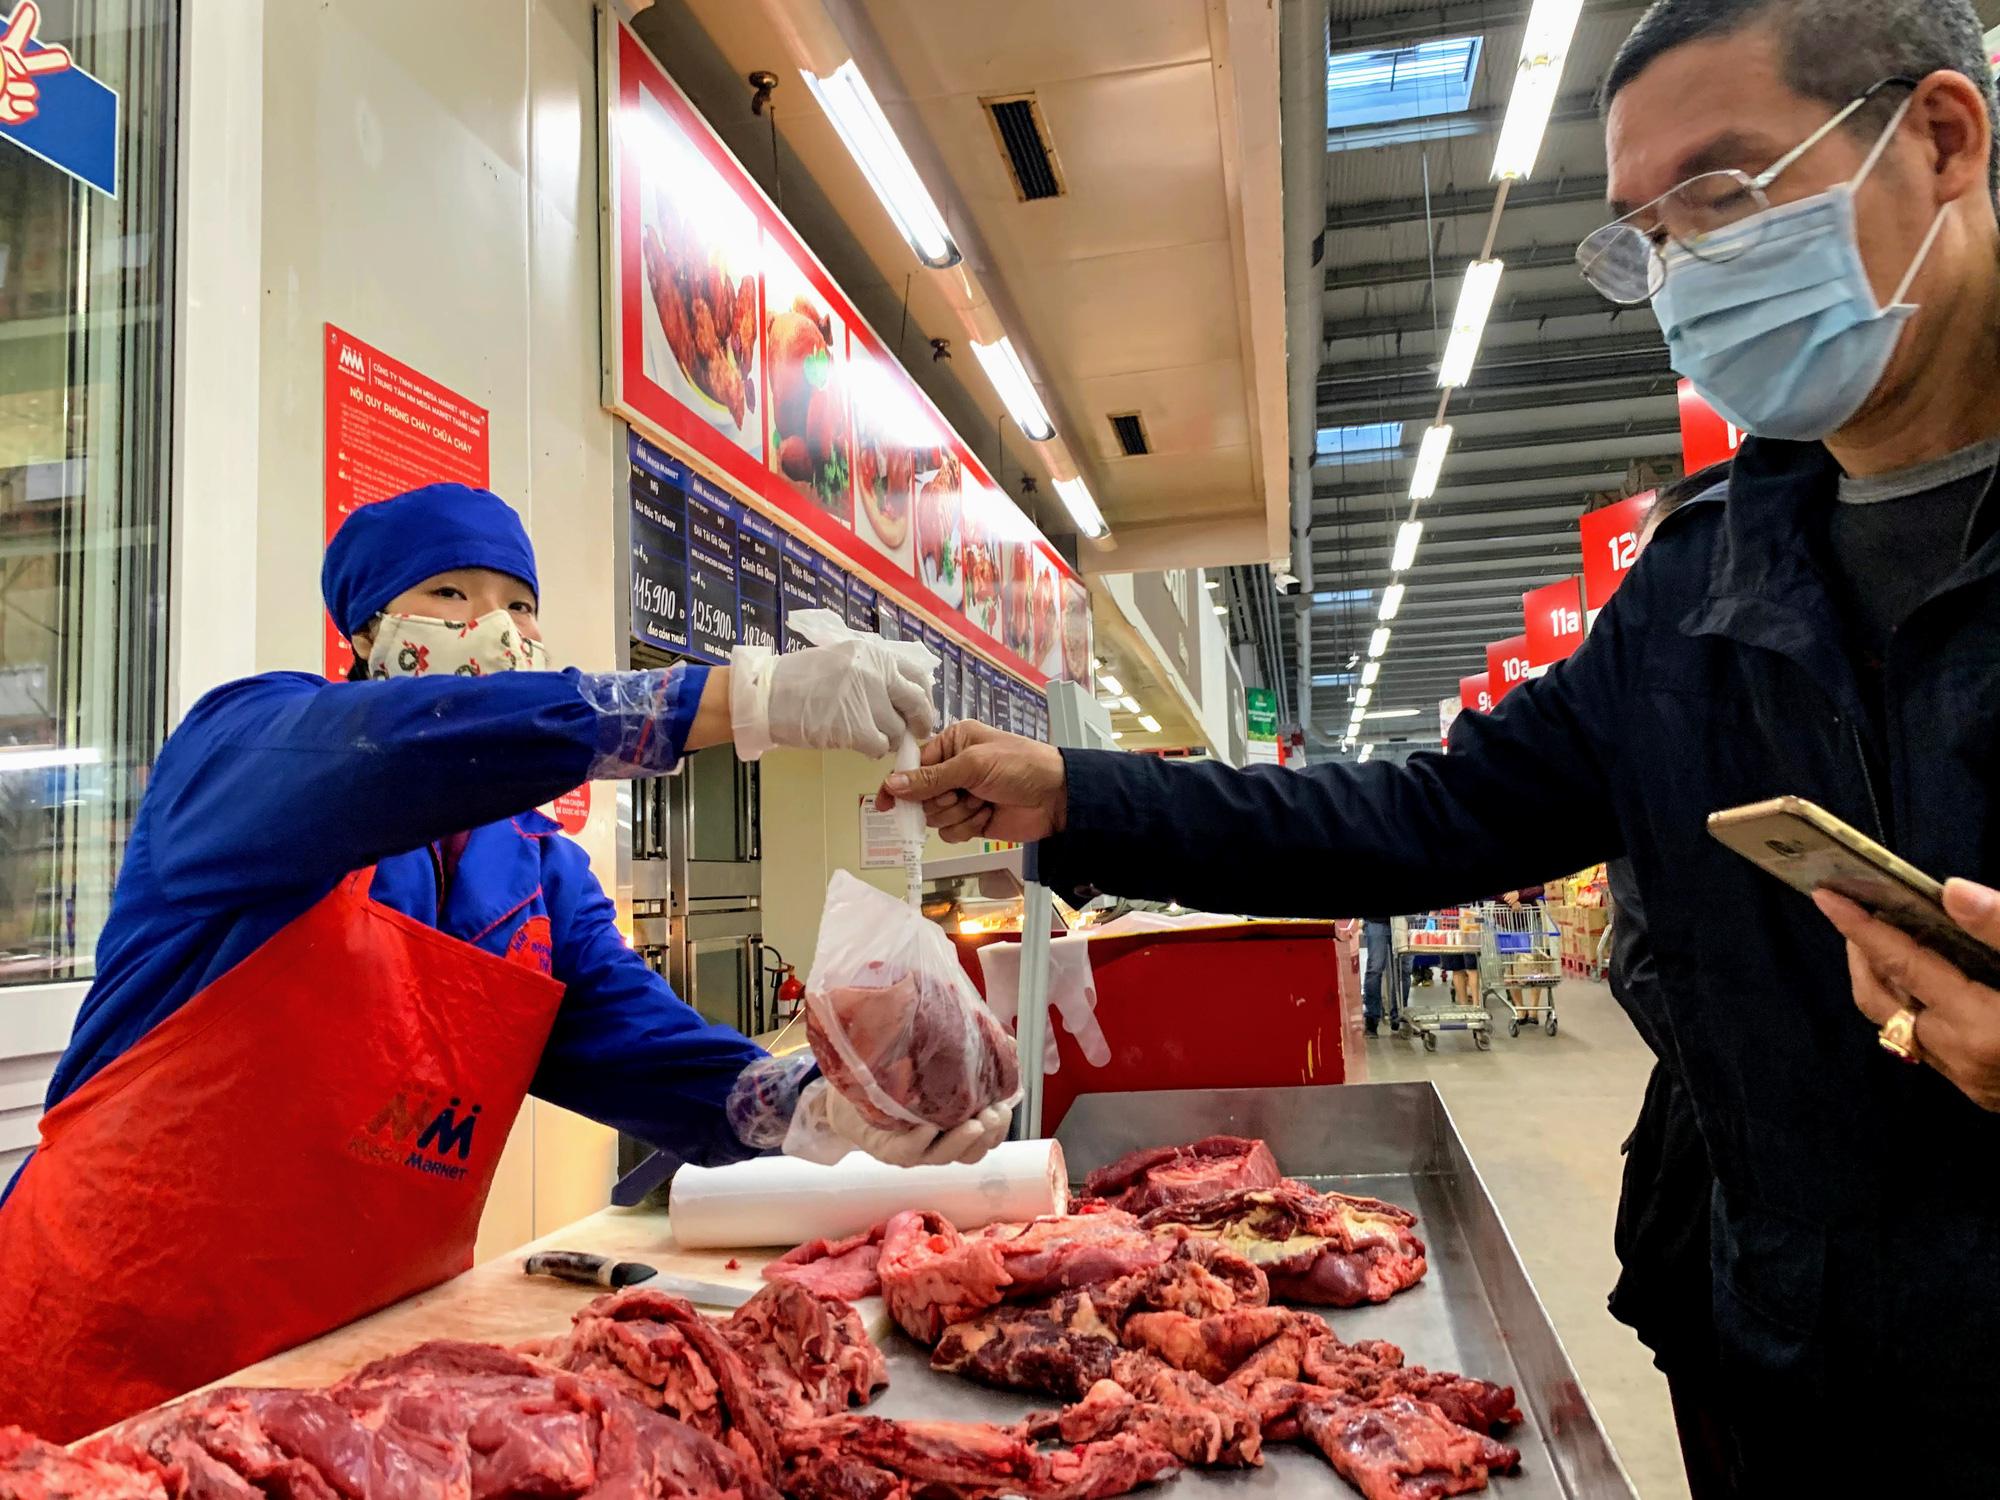 17 người nhiễm Covid - 19 được chữa khỏi, người dân lạc quan quay trở lại mua sắm trong siêu thị, trung tâm thương mại - Ảnh 10.